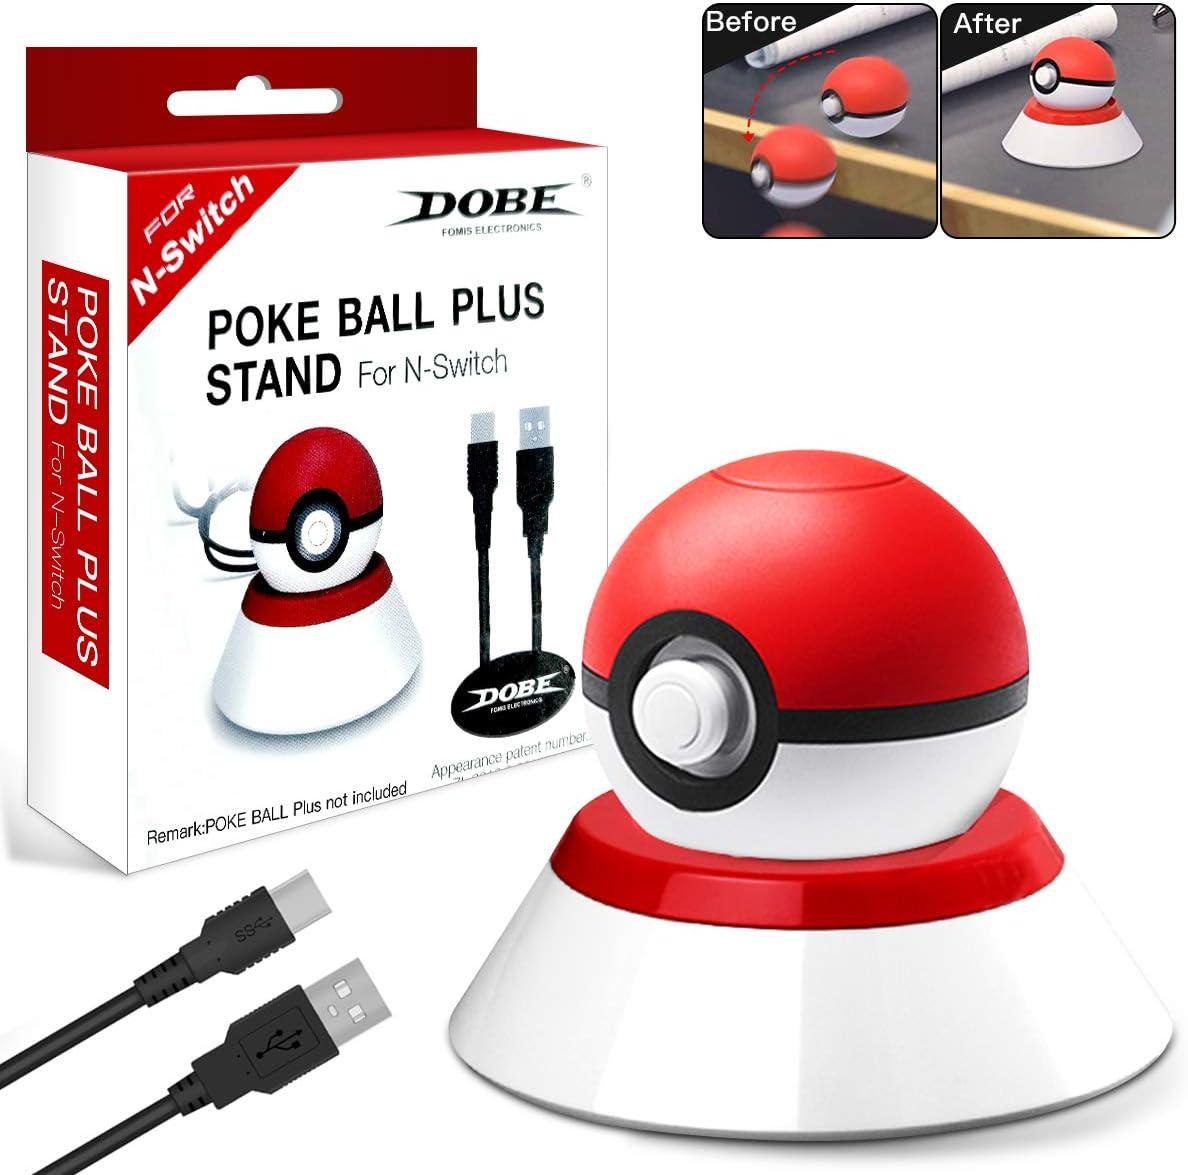 Soporte cargador para controlador Pokeball Plus, soporte de carga con cable de carga USB compatible con Poke Ball Plus para Switch, Lets Go Pikachu Lets Go Eevee Game Controller y Poké Ball